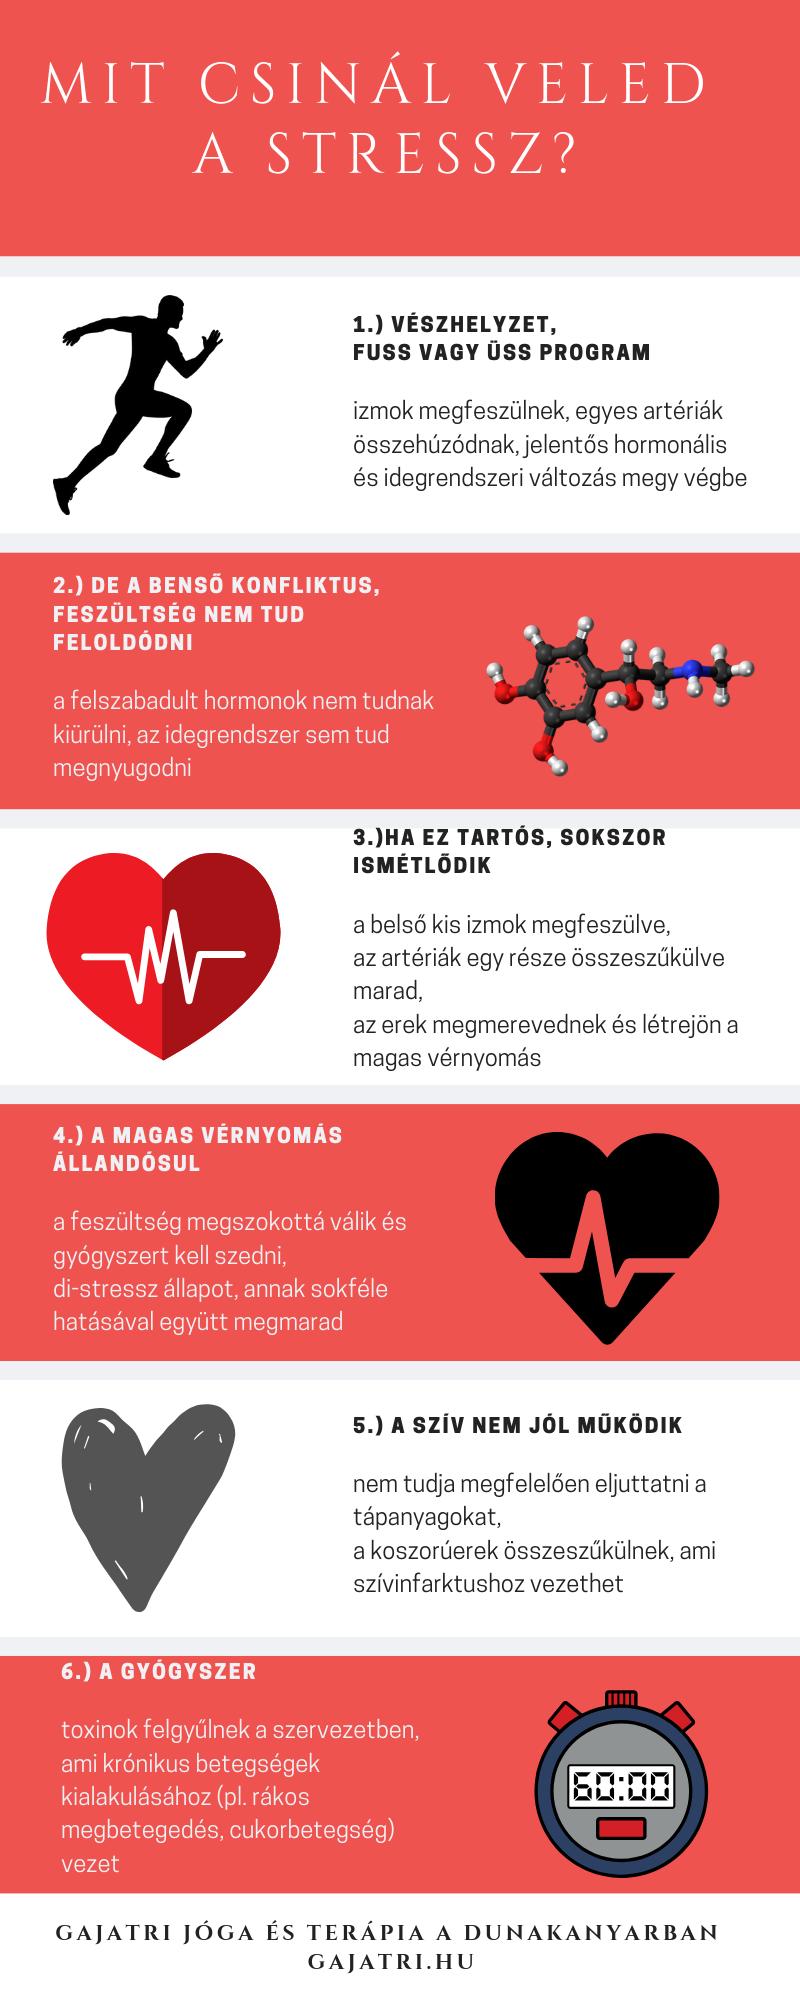 magas vérnyomás-történet)